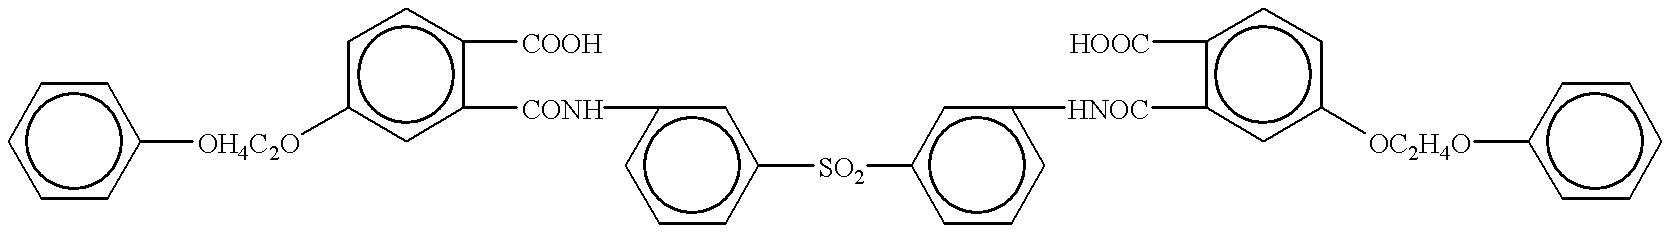 Figure US06180560-20010130-C00439